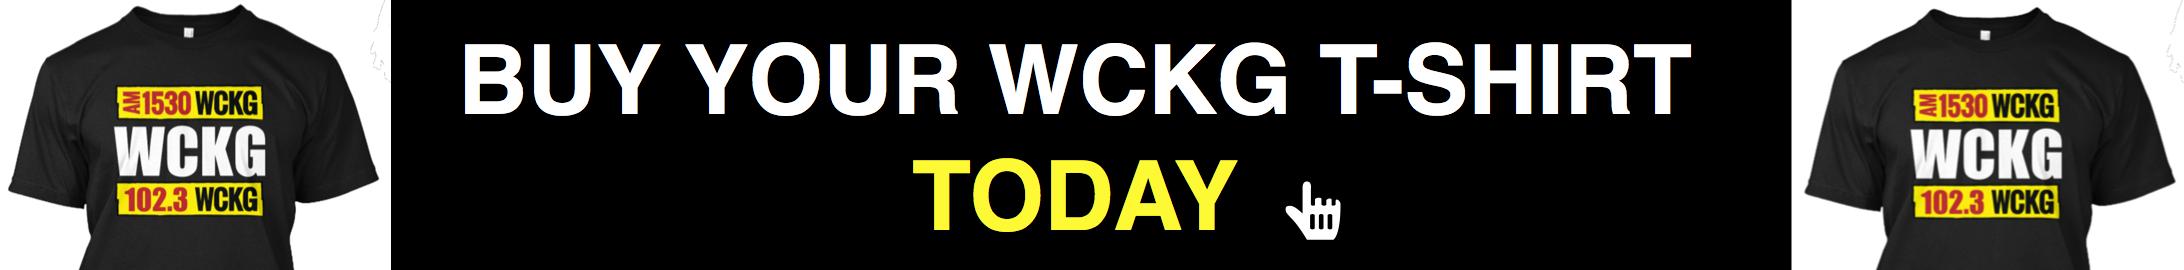 wckg-t-shirt-banner